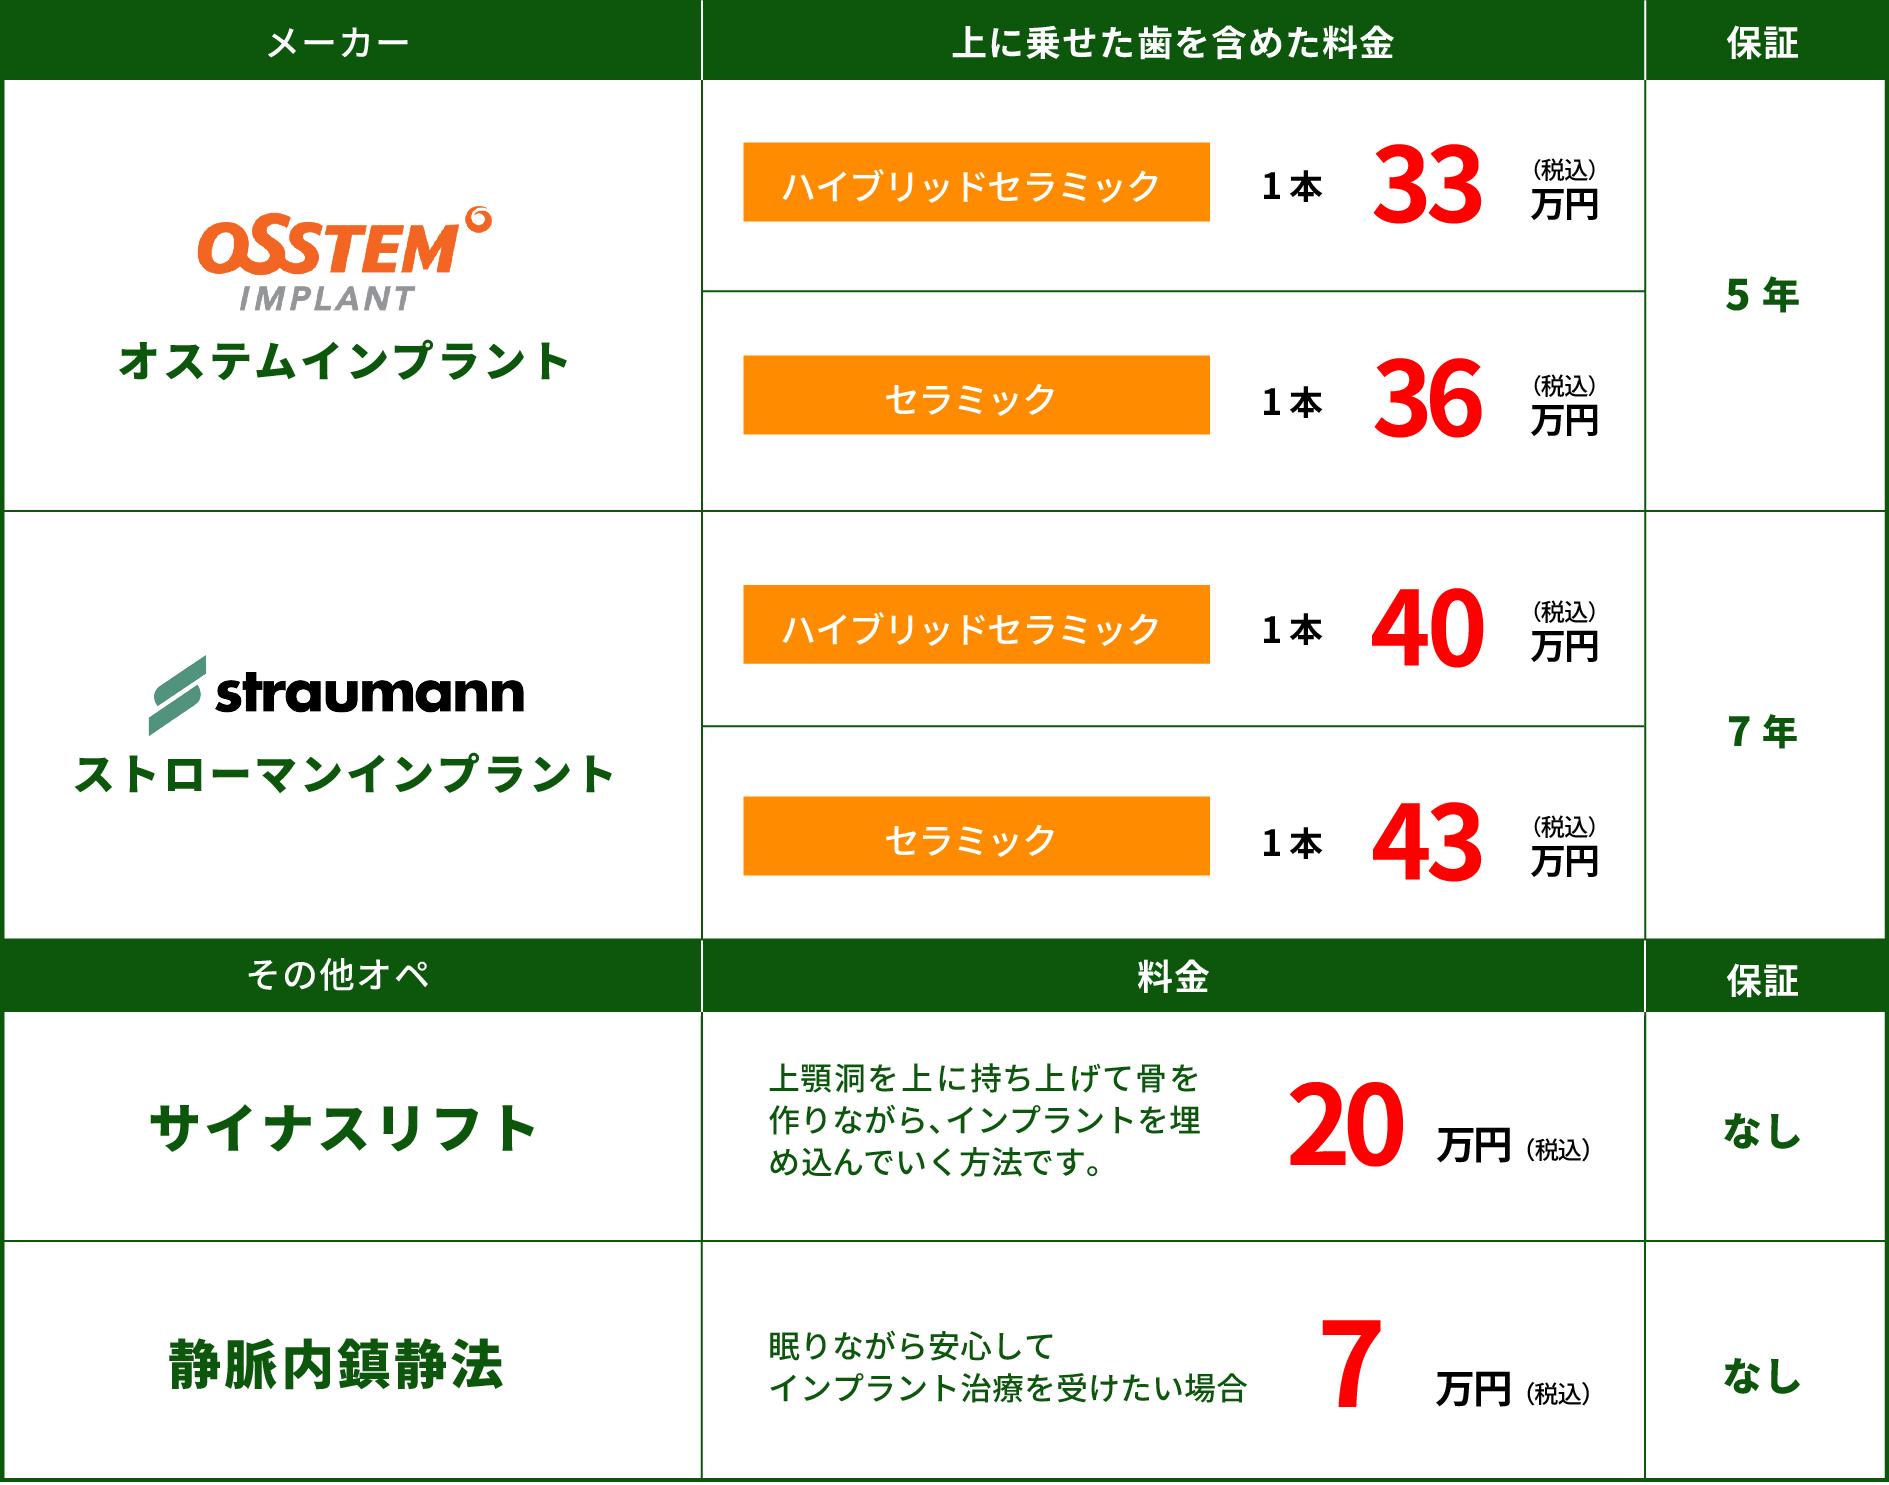 インプラント-料金表